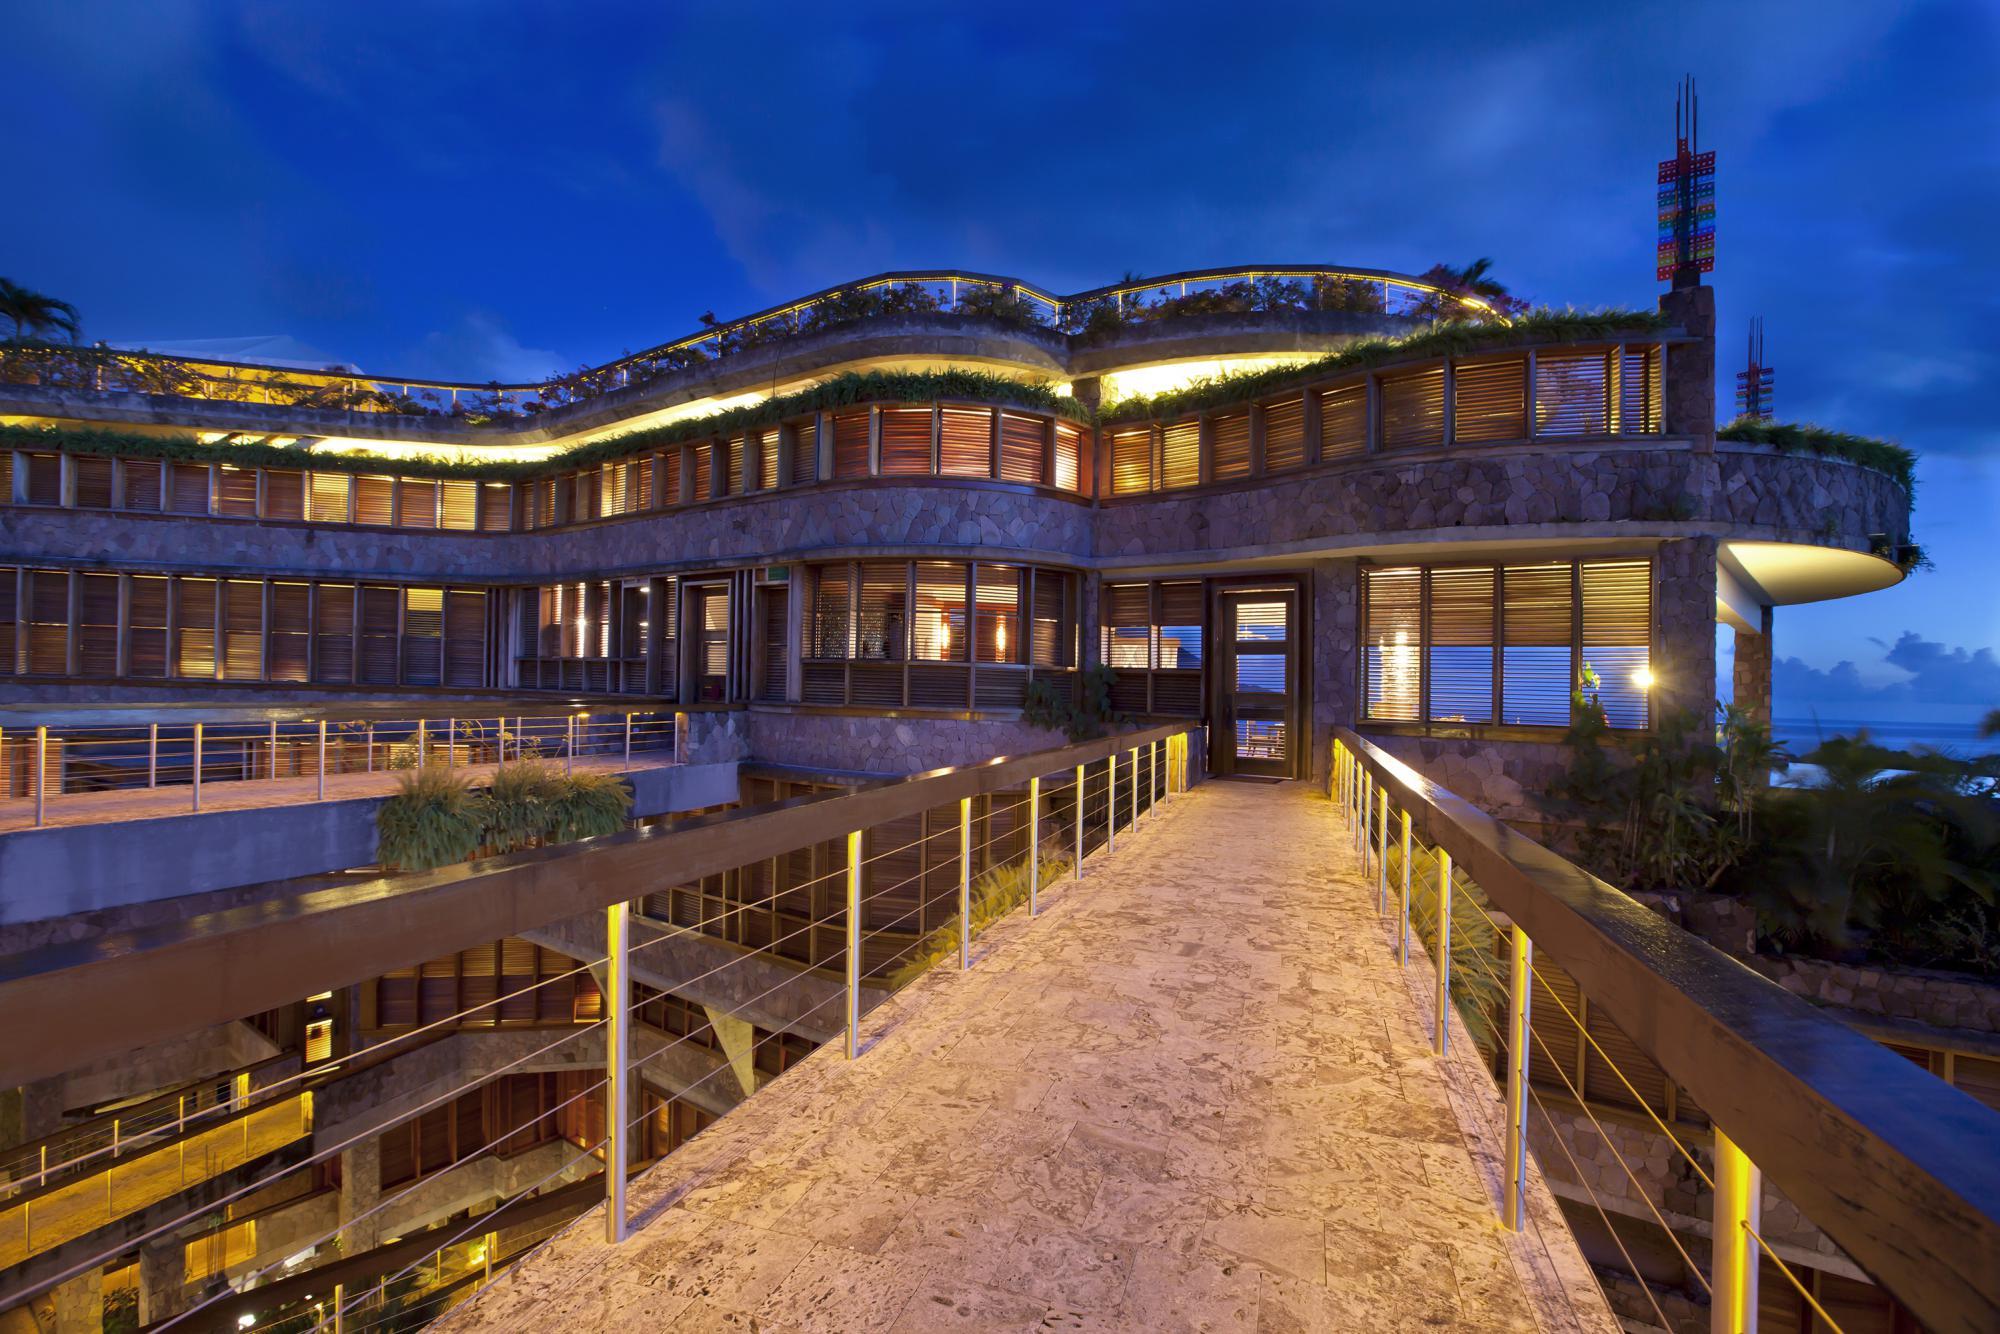 Il resort di lusso ai Caraibi illuminato di notte